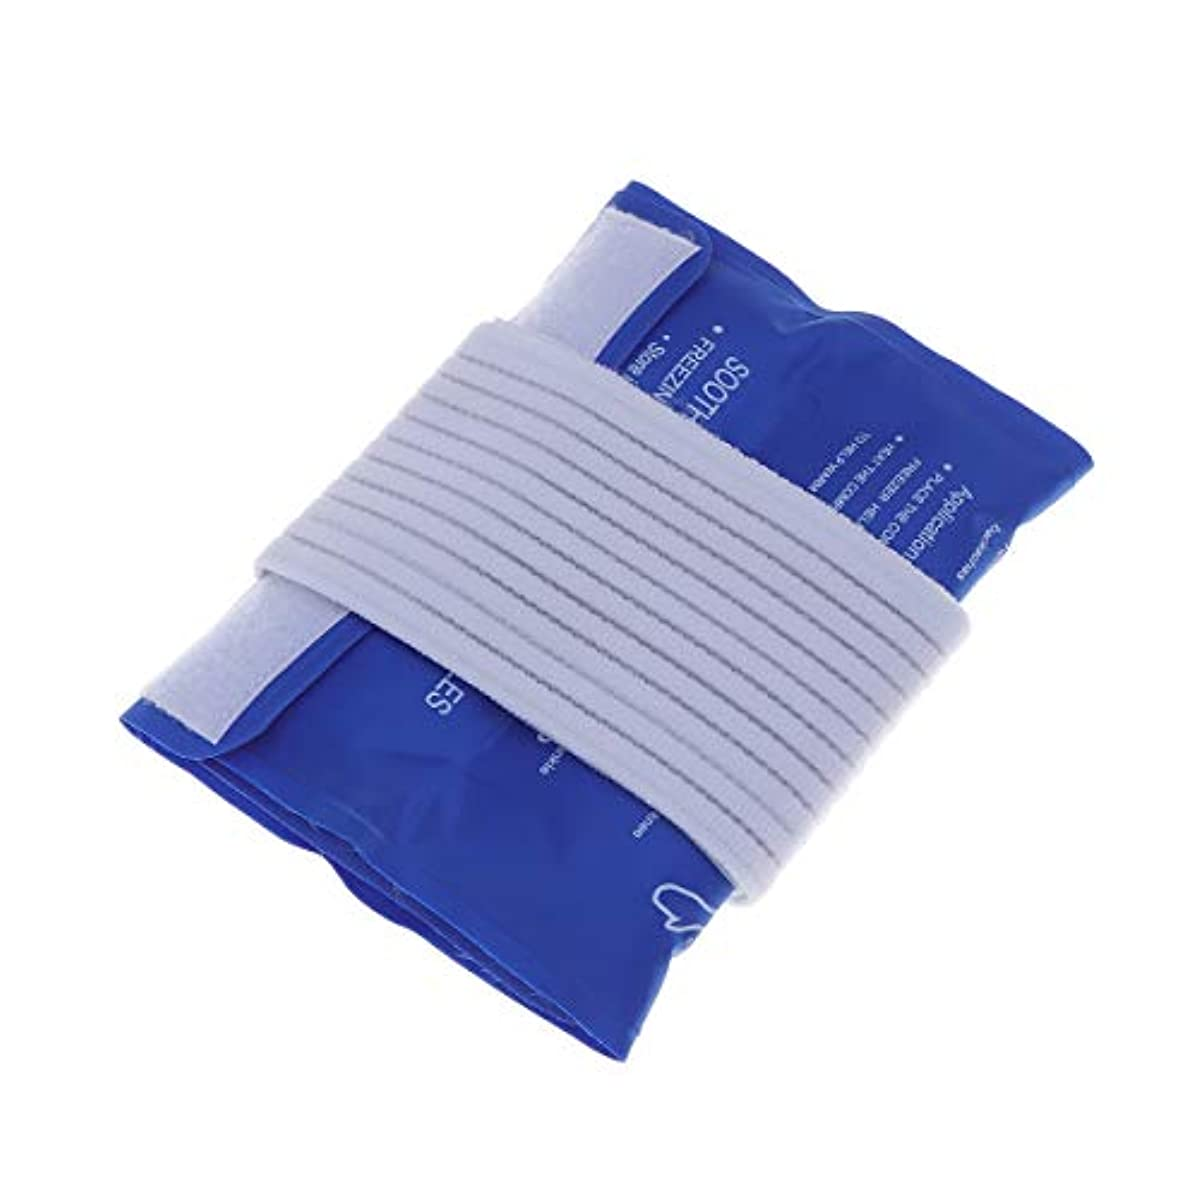 衛星優先実行するSUPVOX ゲルアイスパックラップ医療冷却コンプレッションバッグ付き調節可能な弾性ストラップ付き捻挫筋肉痛傷害ホットコールドセラピー(ブルー)